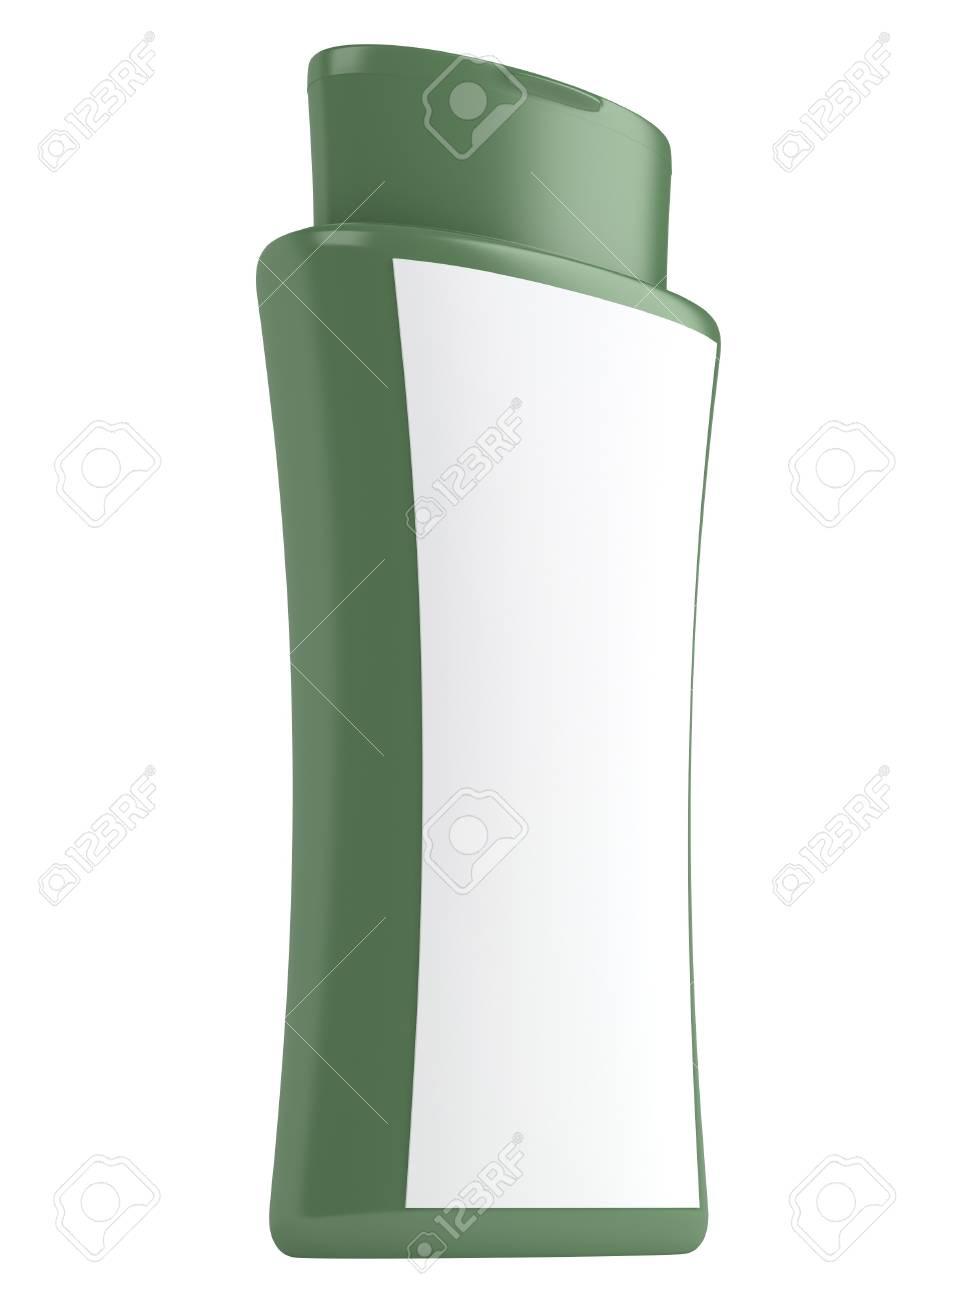 Immagini Stock Shampoo Verde Bottiglia Naturale Isolato Su Sfondo